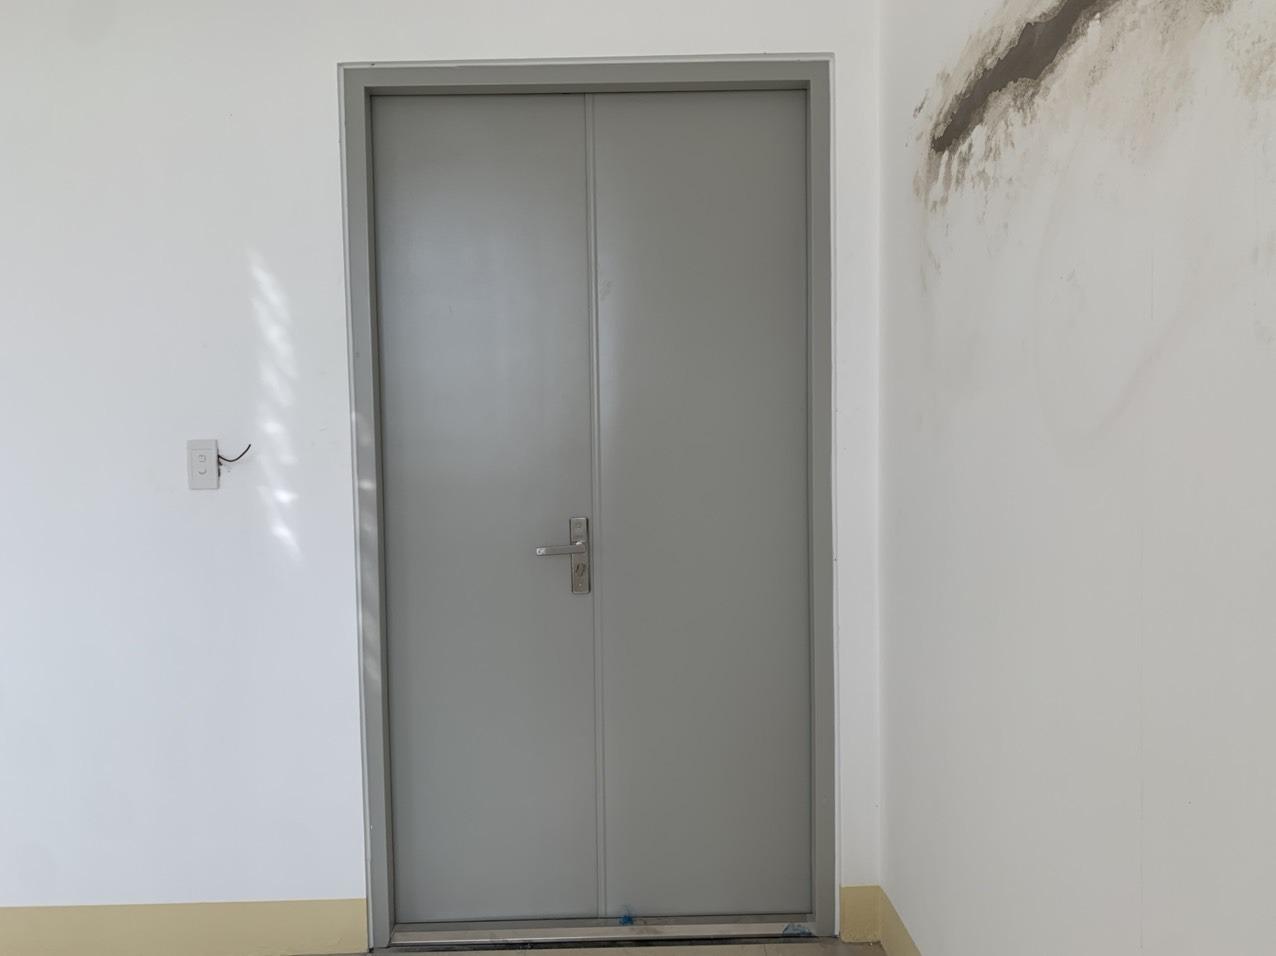 Cửa thép chống cháy là gì? Tìm hiểu về cửa thép chống cháy